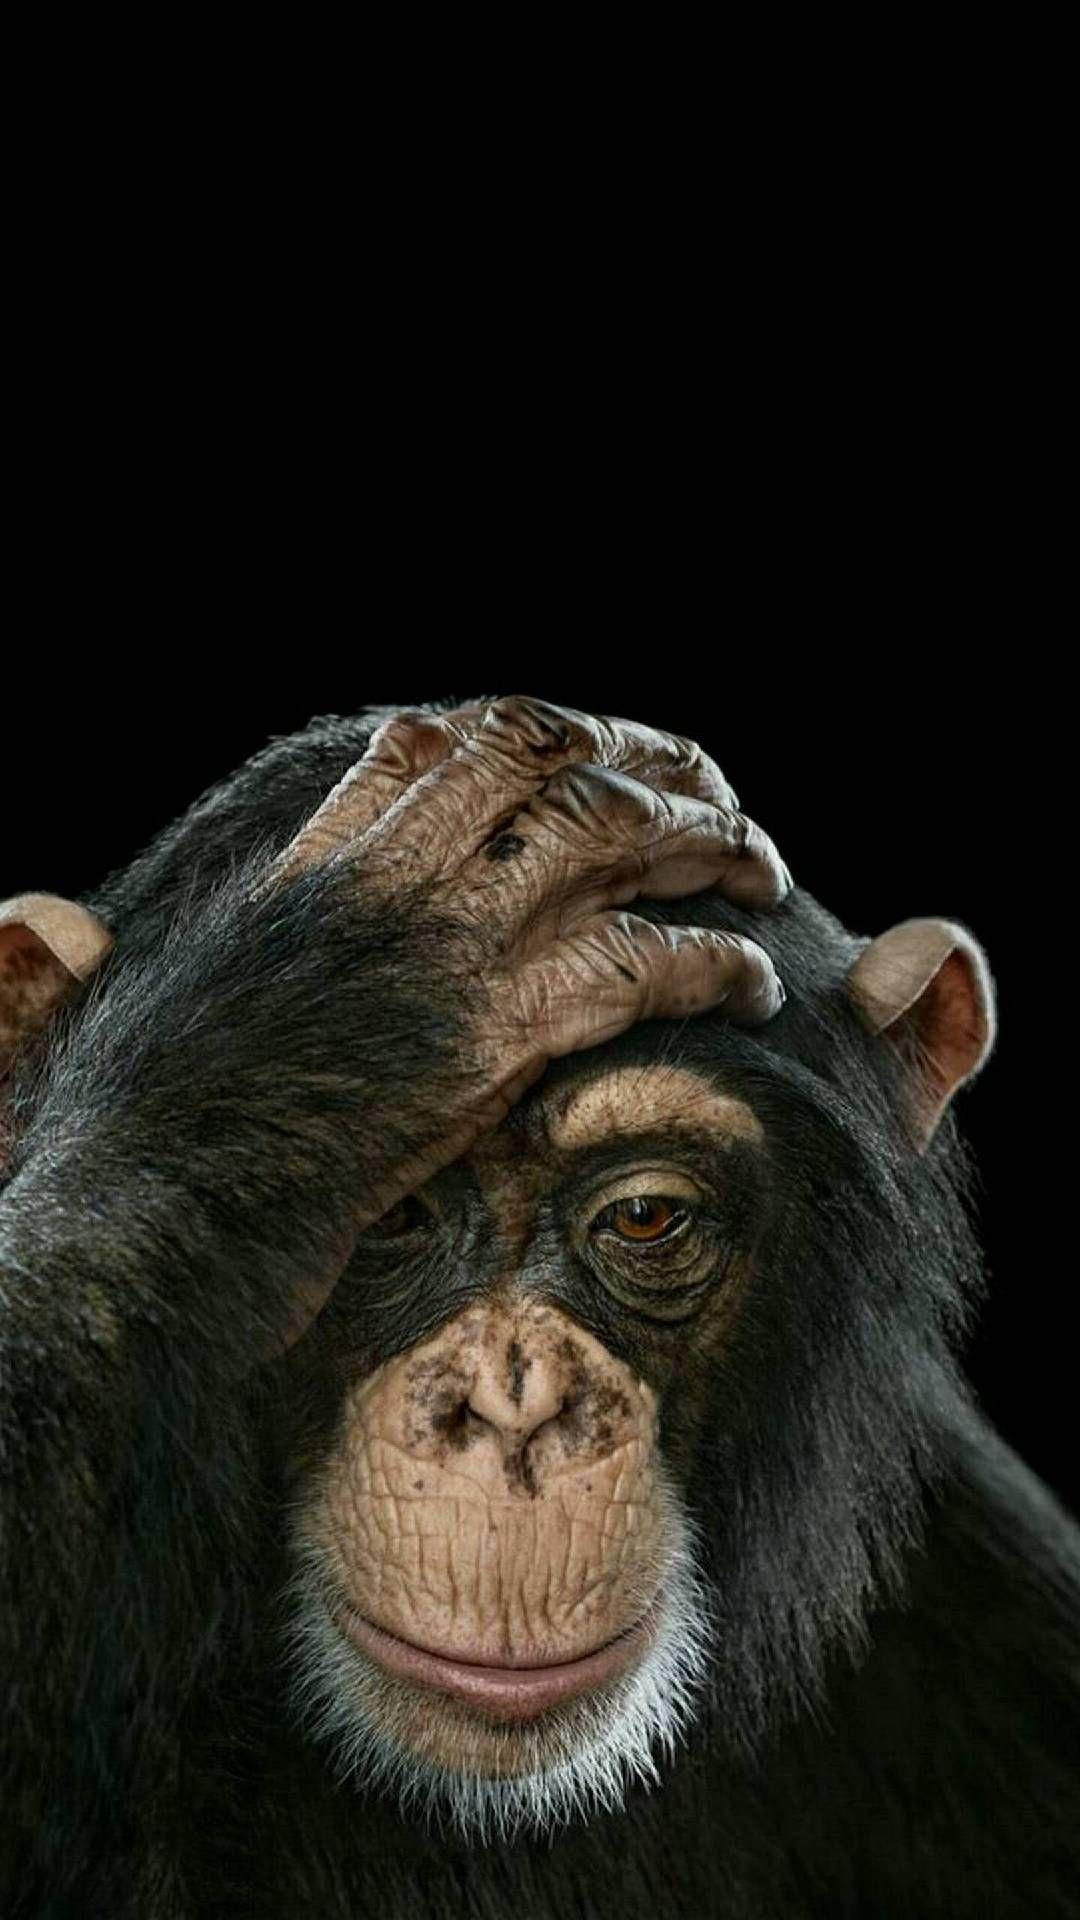 Pin De Crassco Em Tiere Macacos Animais Macacos Engracados